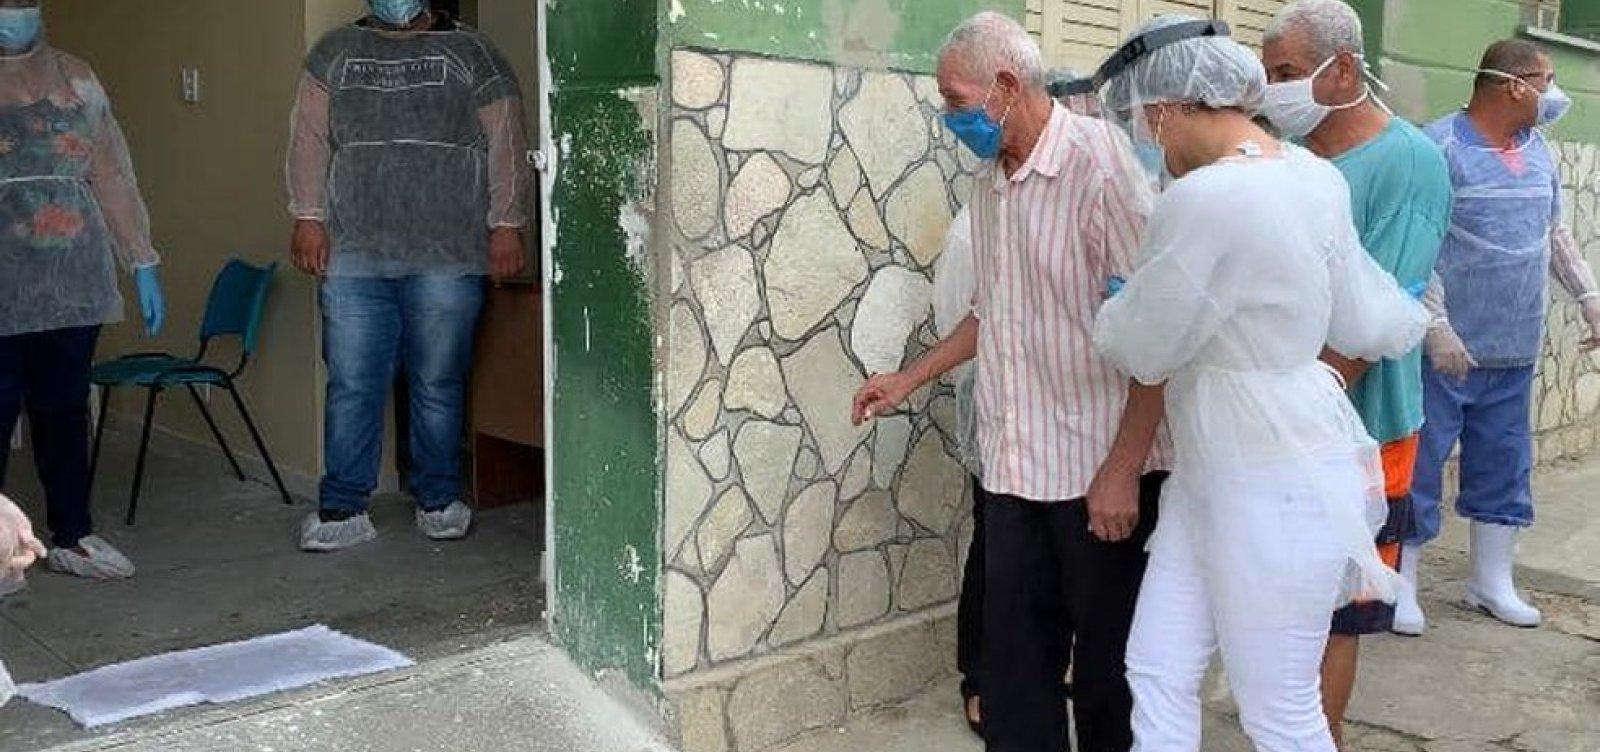 [Ipiaú: Após surto de Covid-19 em asilo, 53 idosos têm alta]